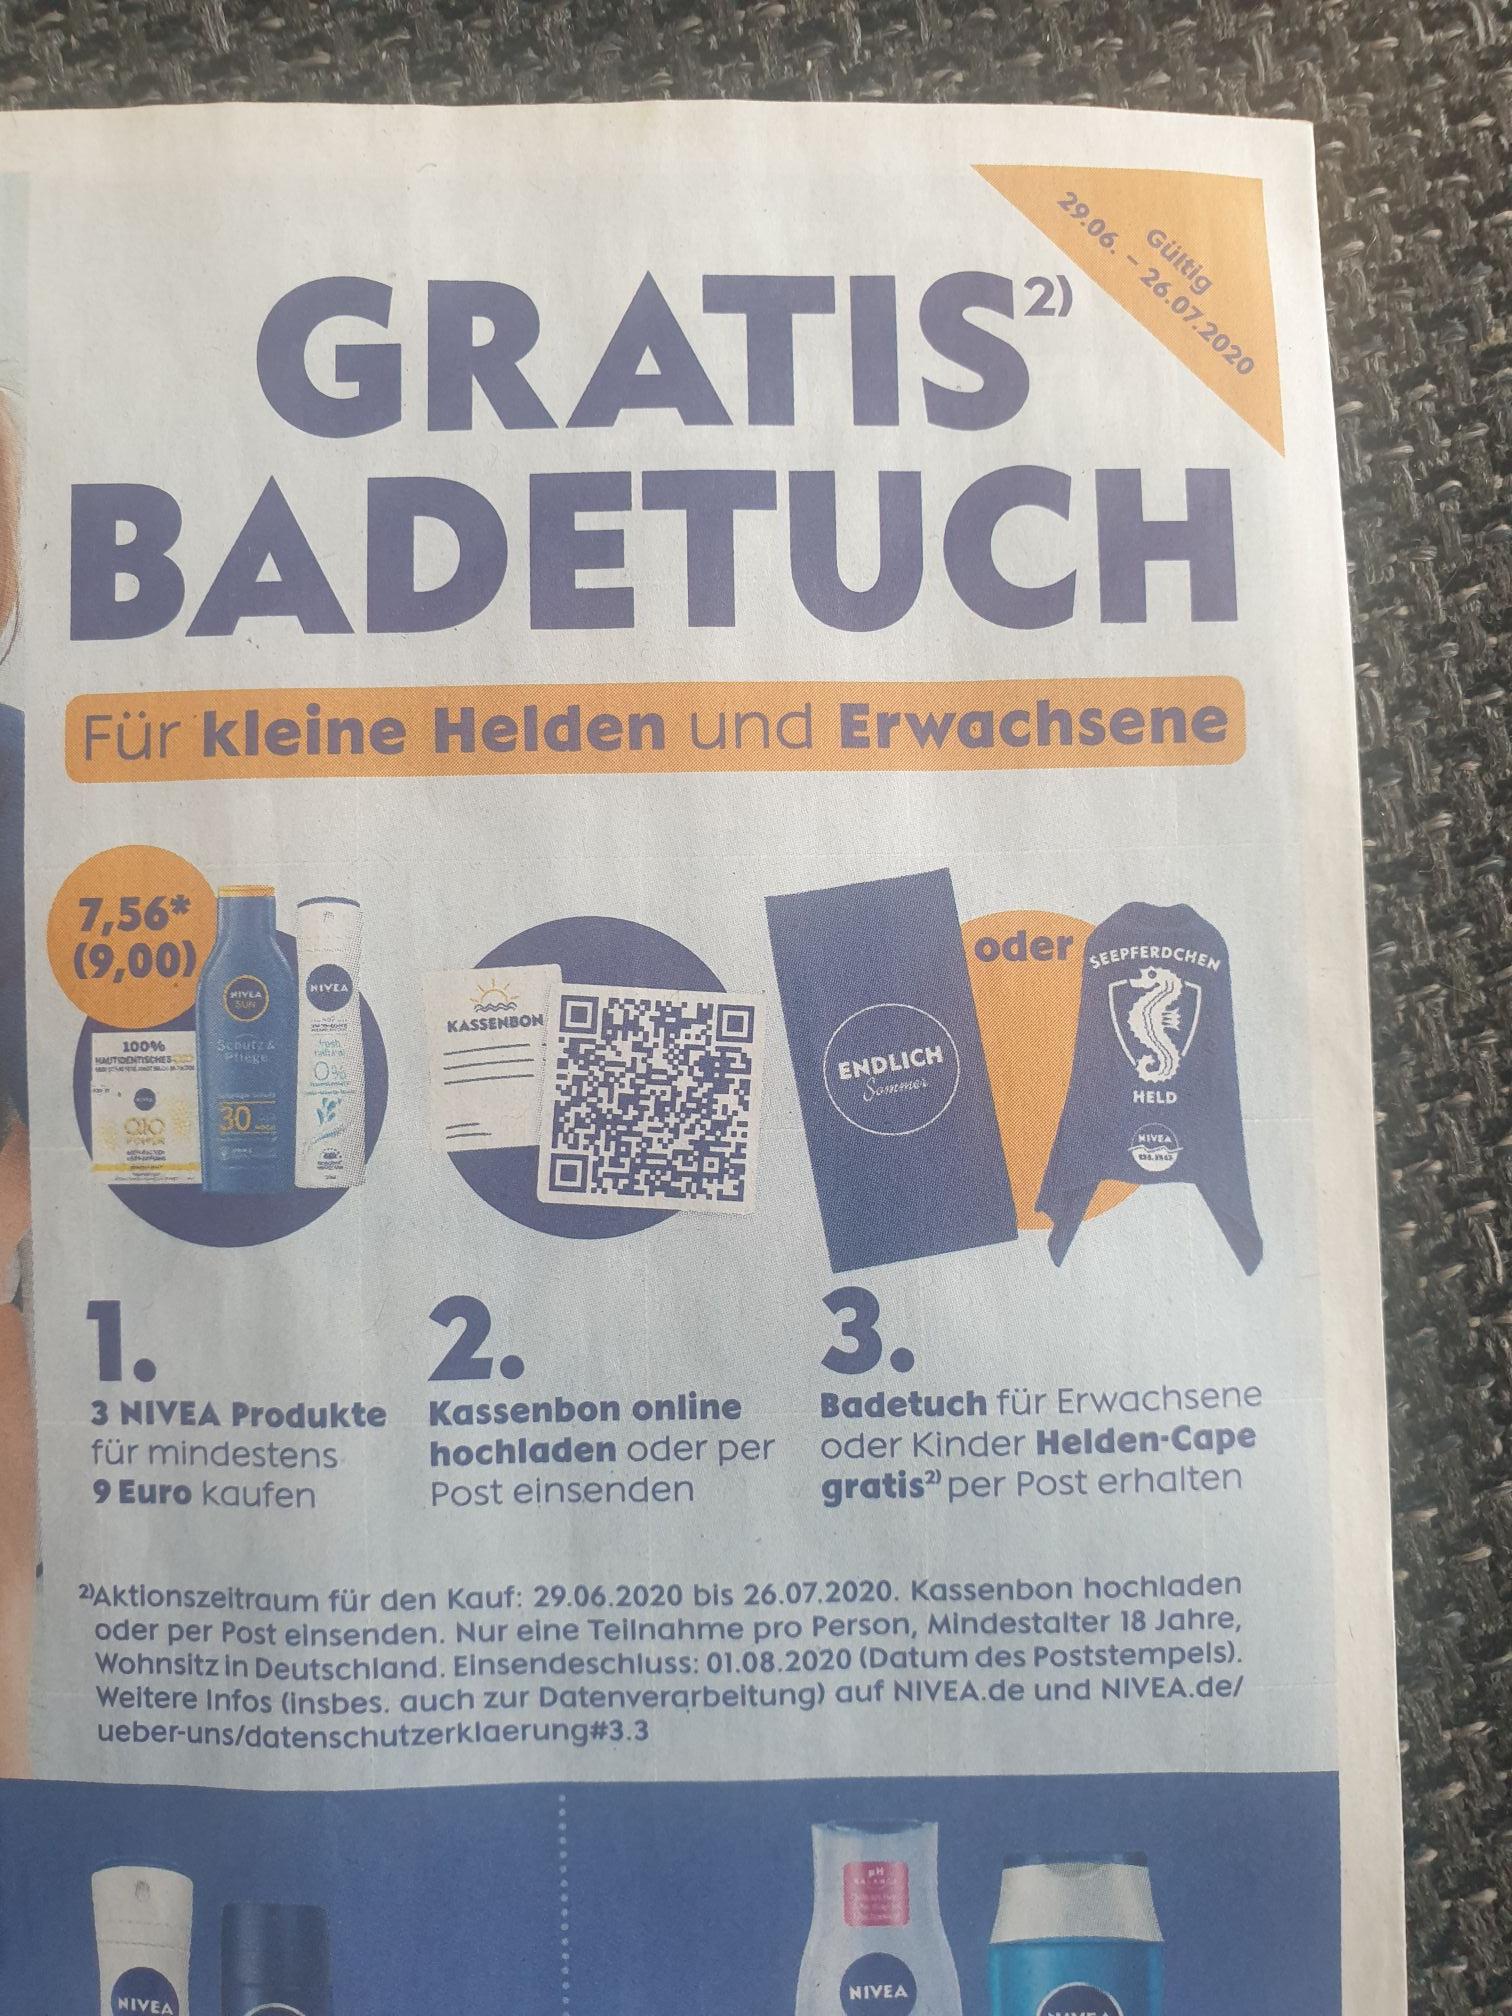 Gratis Badetuch Nivea für Einkauf ab 9 Euro